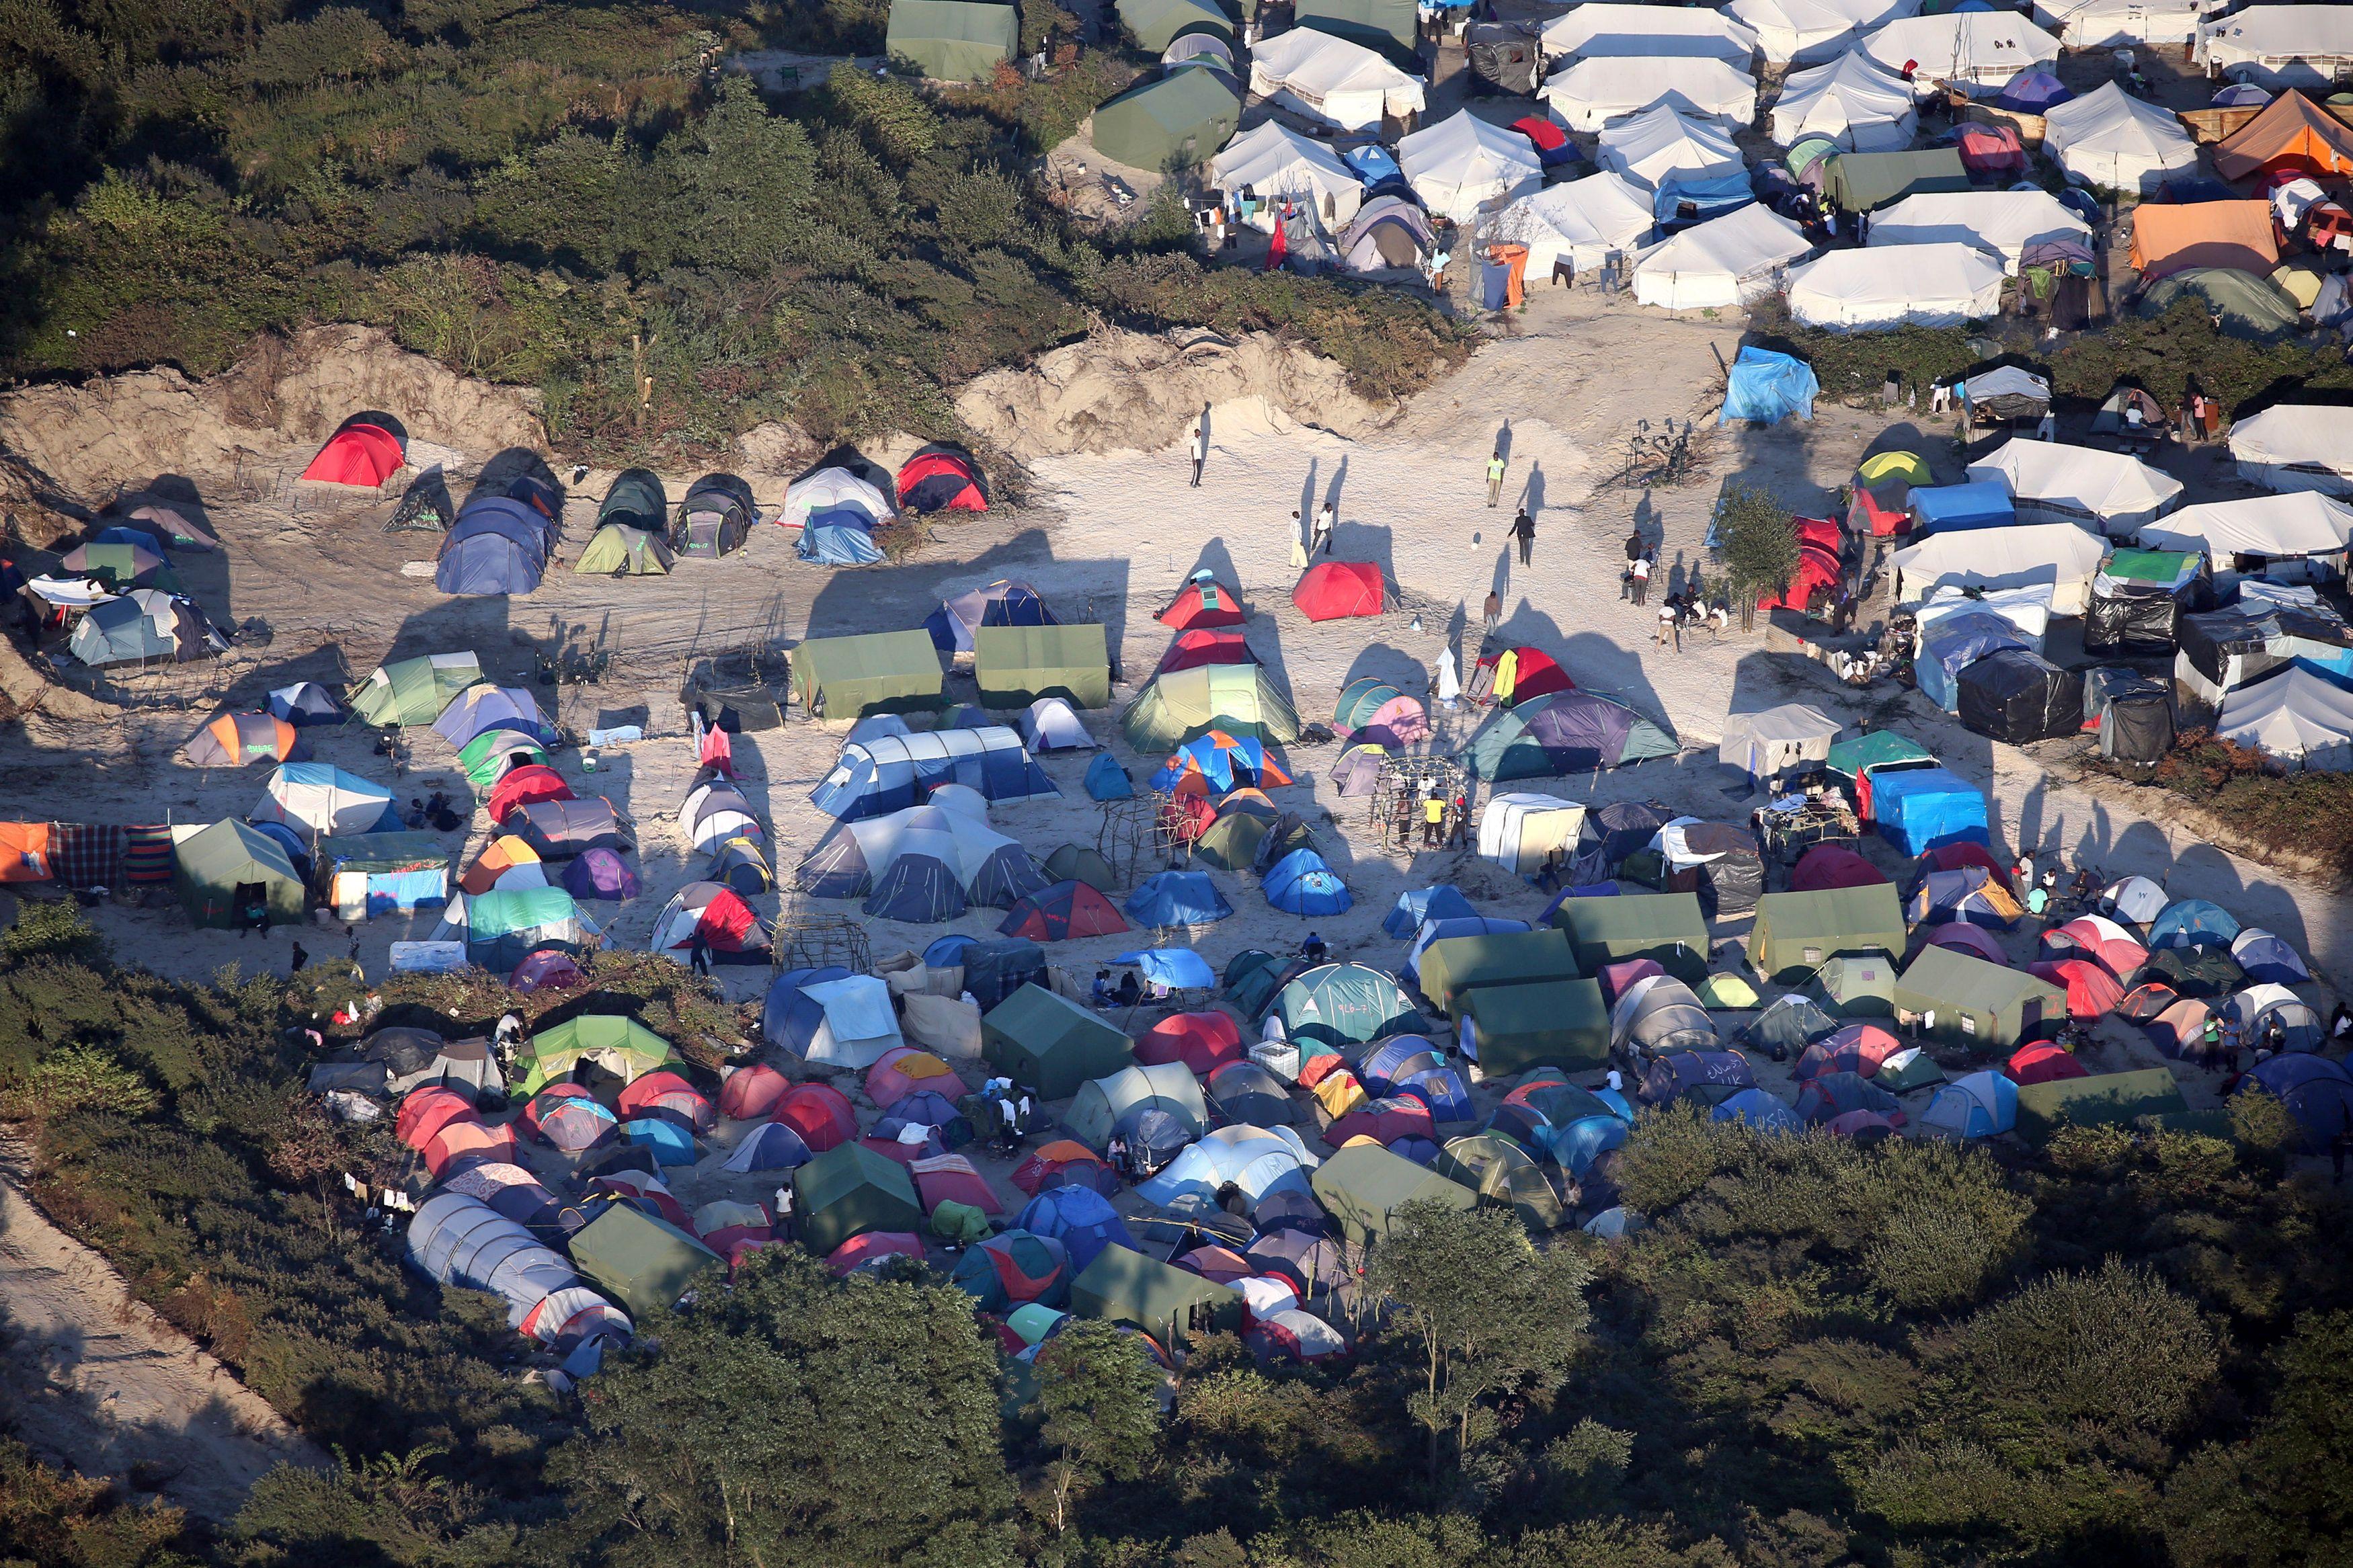 Comment l'Europe traque les terroristes dans les camps de migrants